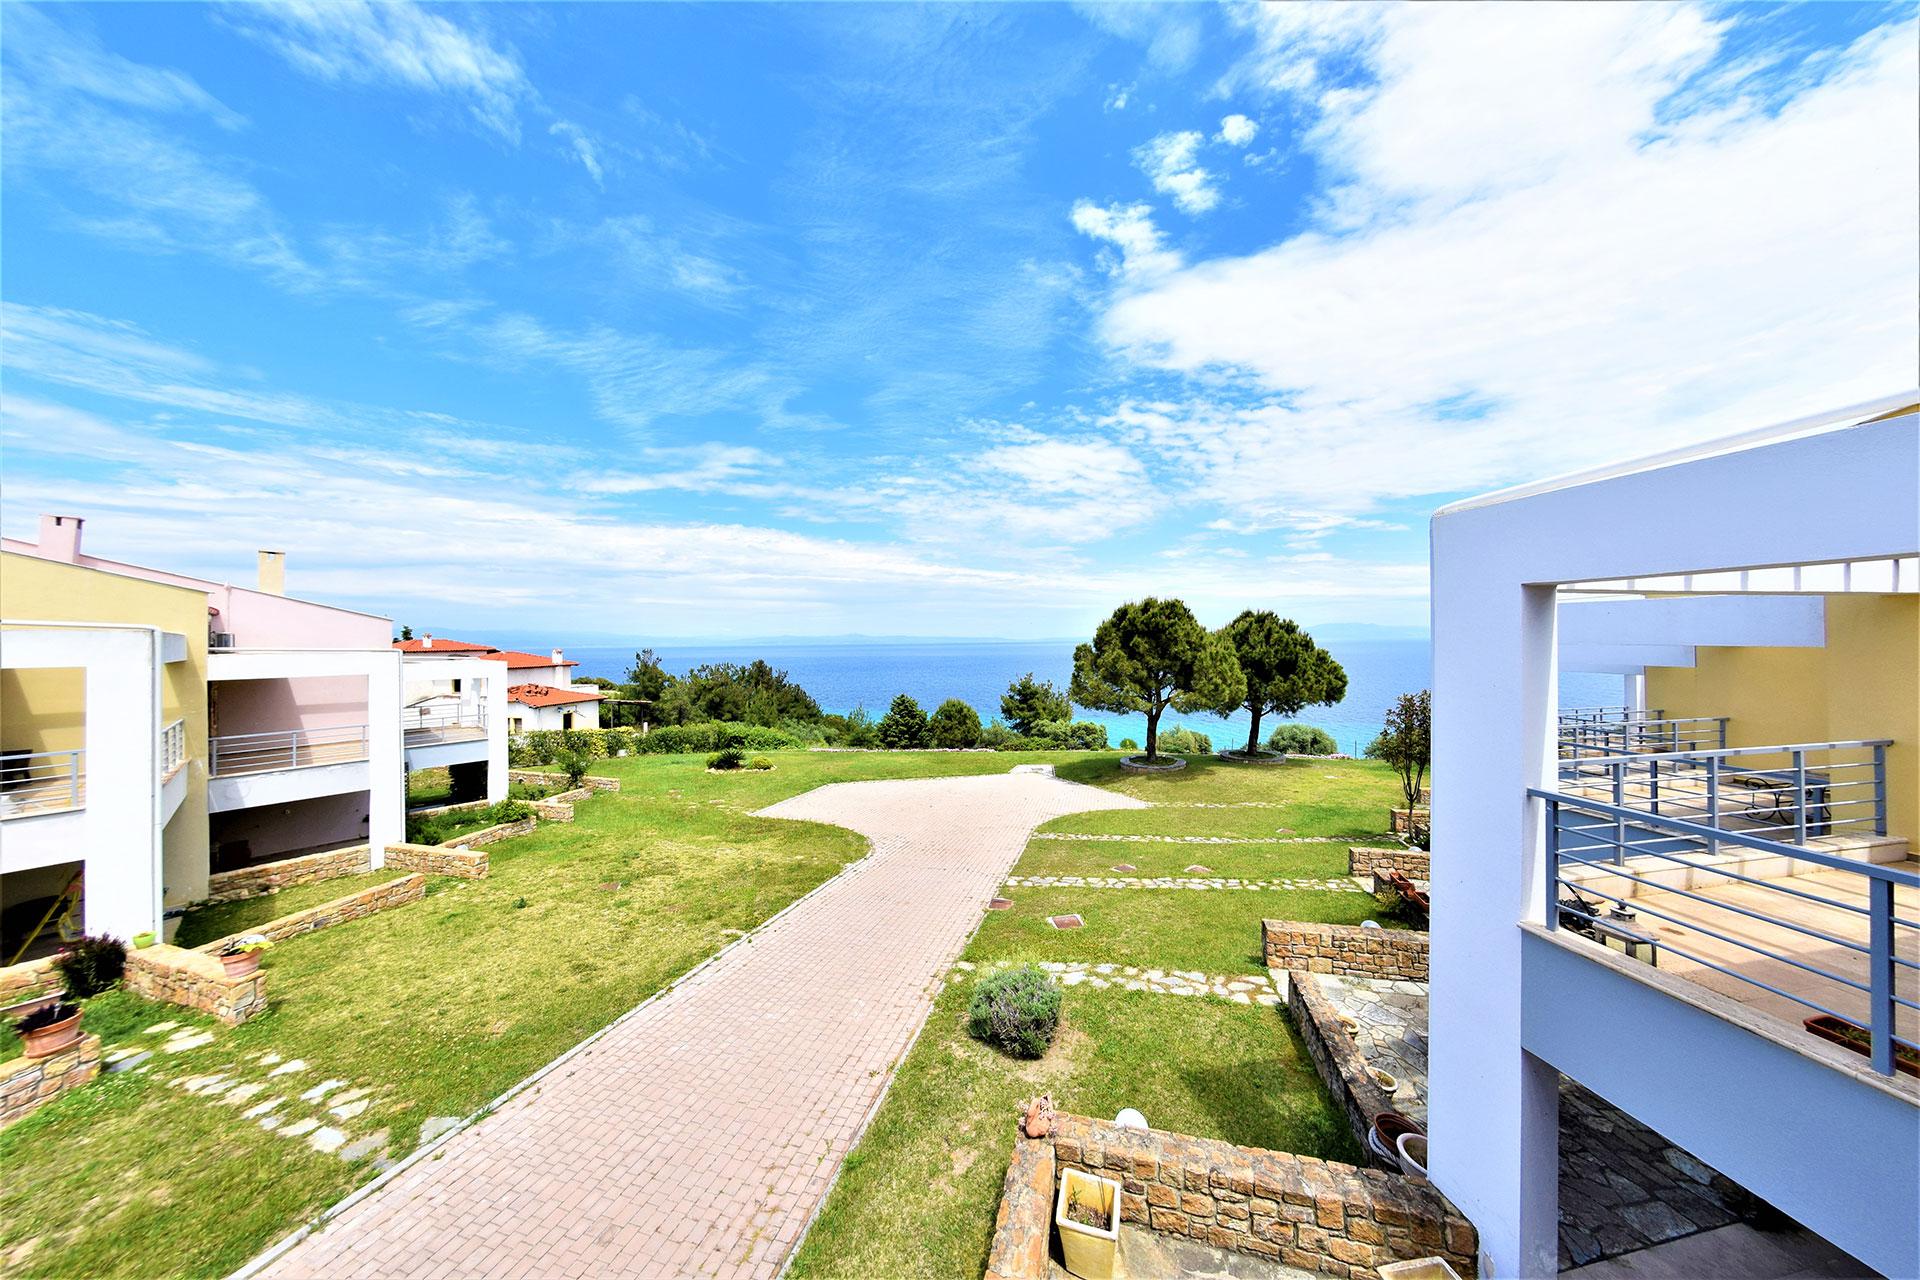 Photo Gallery Villa Elisa